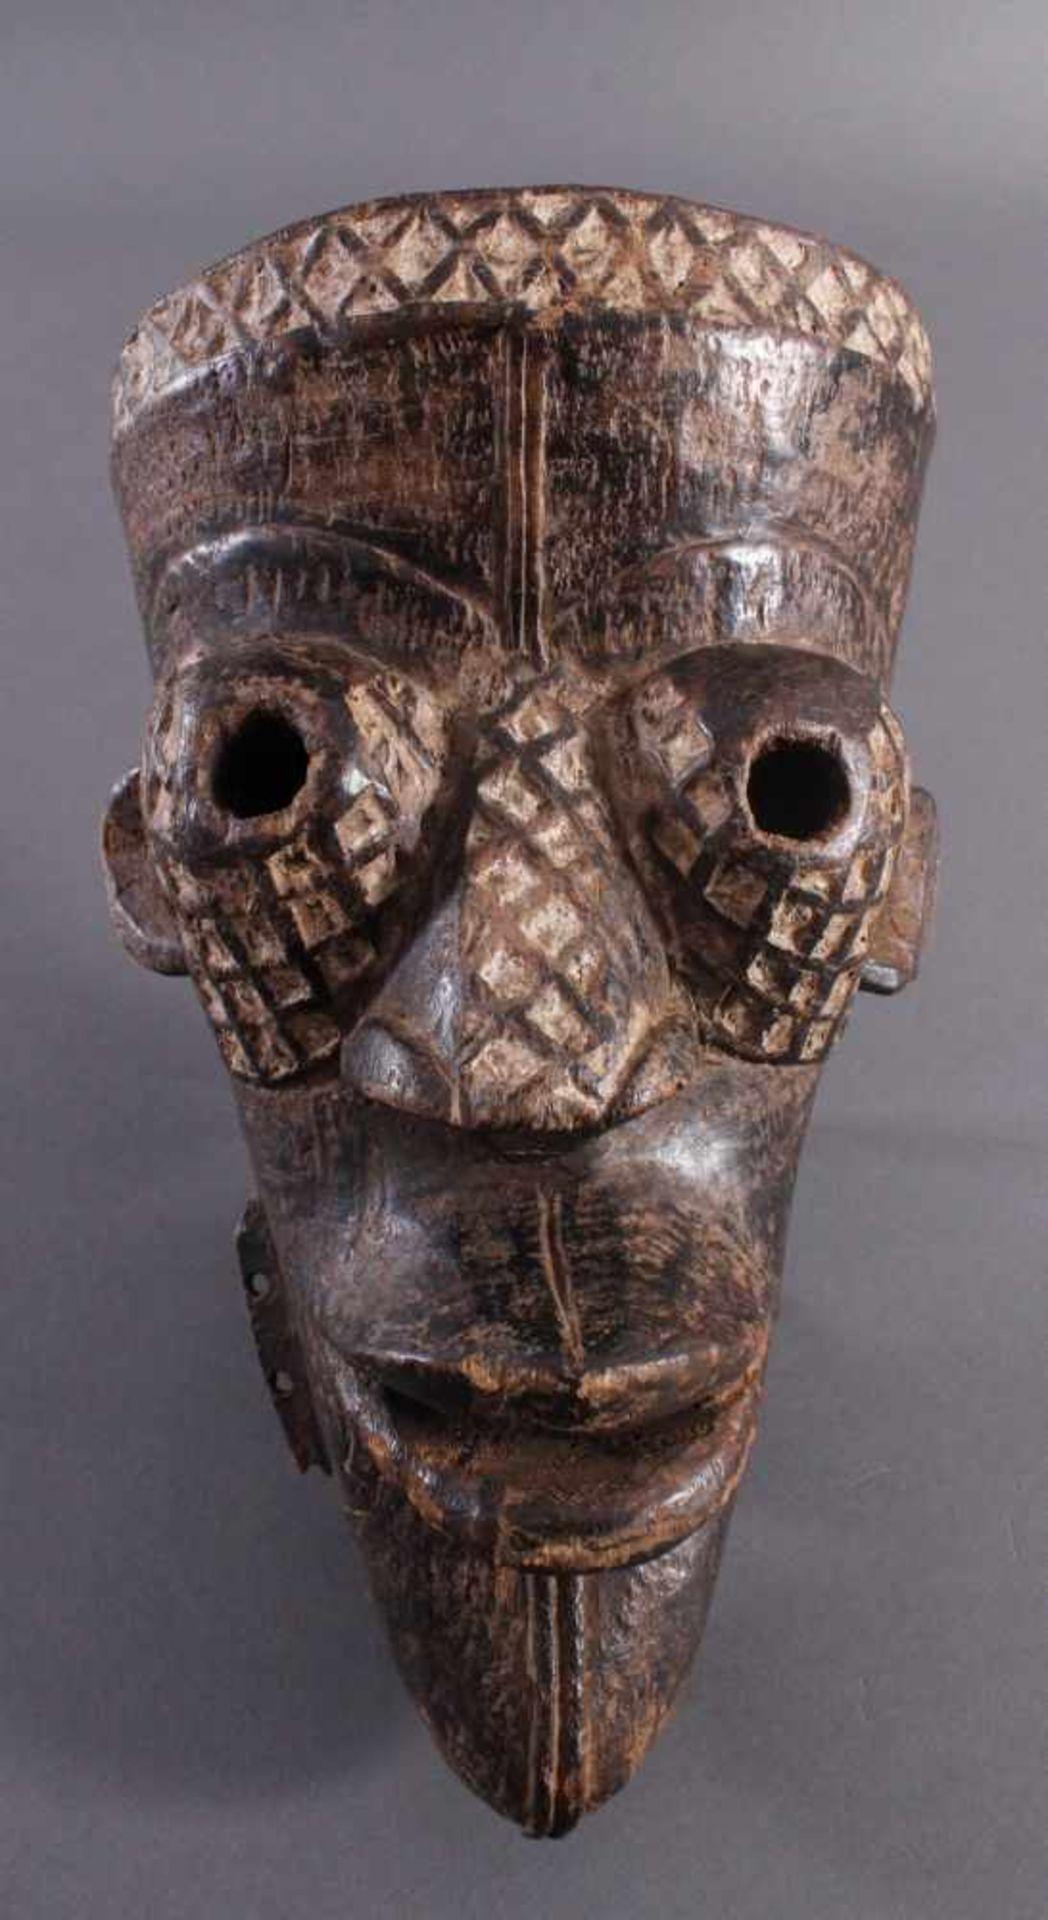 Antike Maske, Yaure Elfenbeinküste 1. Hälfte 20. Jh.Holz geschnitzt, dunkle Patina, Reste weißer